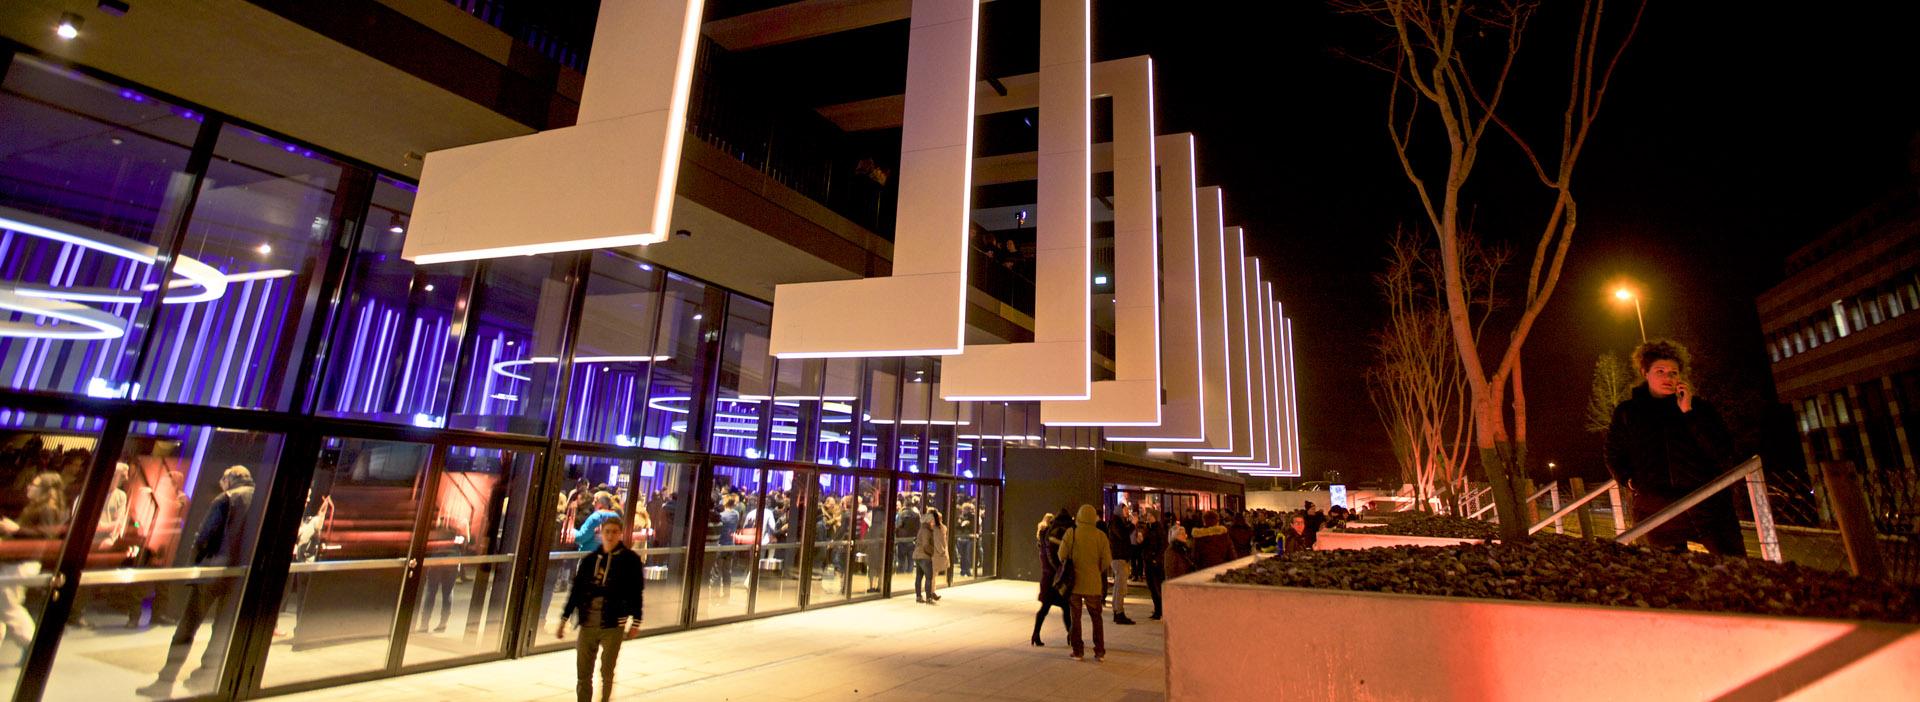 Medientechnik in der Samsung Hall Zürich